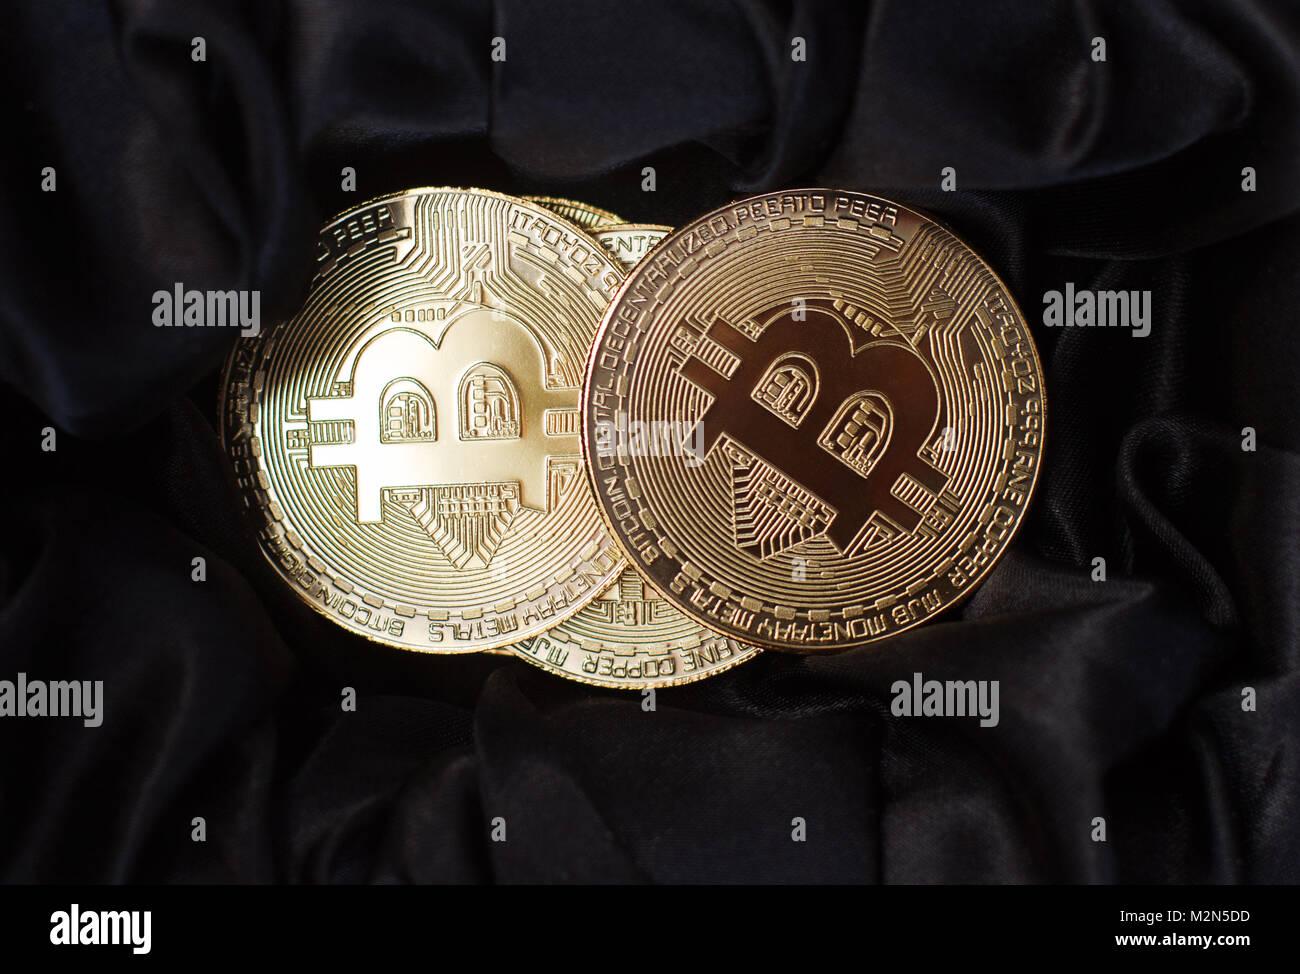 Vista superior horizontal closeup de bitcoin monedas metálicas de oro sobre fondo de terciopelo negro Imagen De Stock